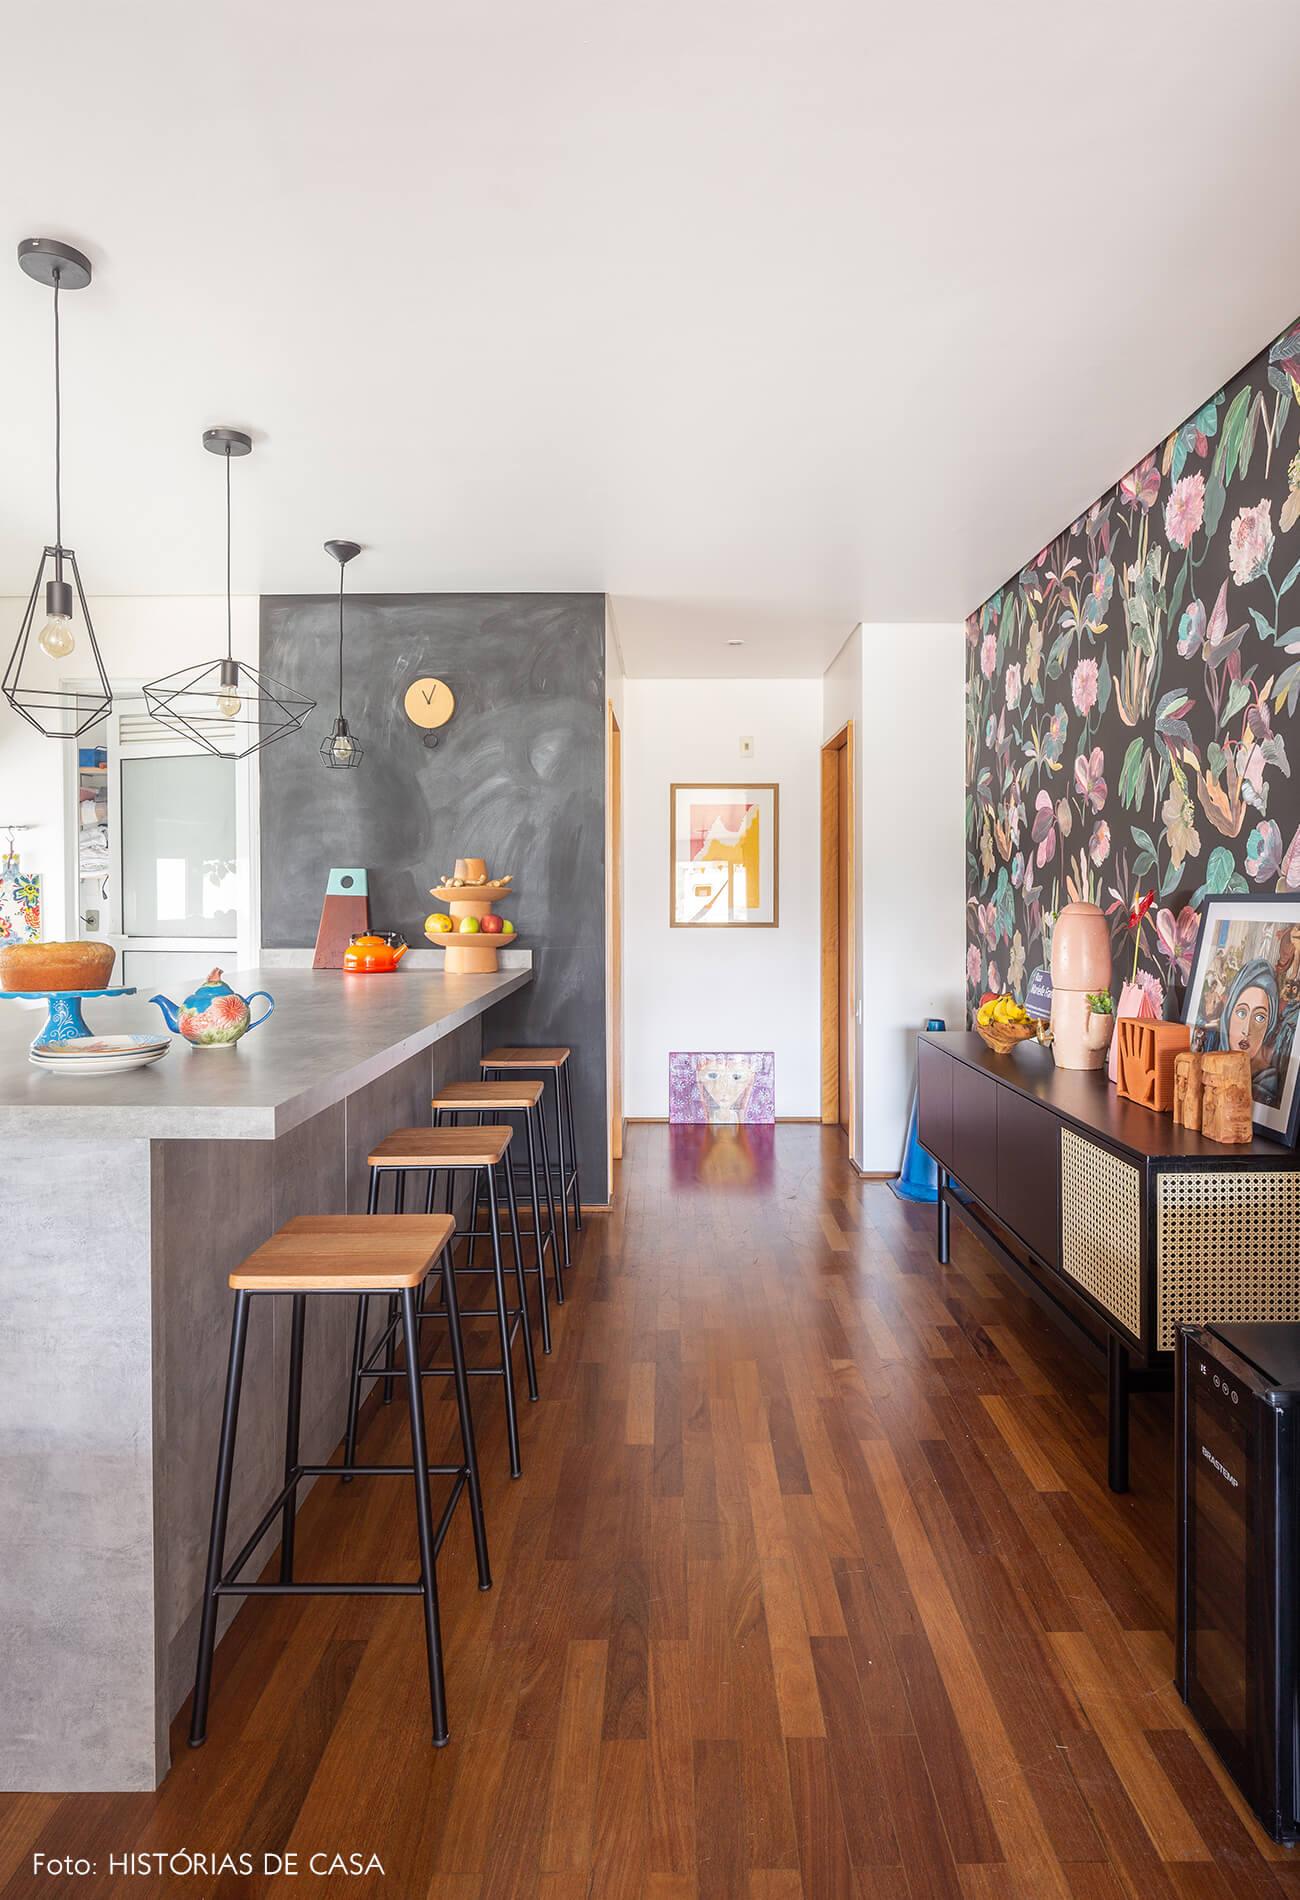 decoração cozinha com bancada de concreto e hall com papel de parede floral